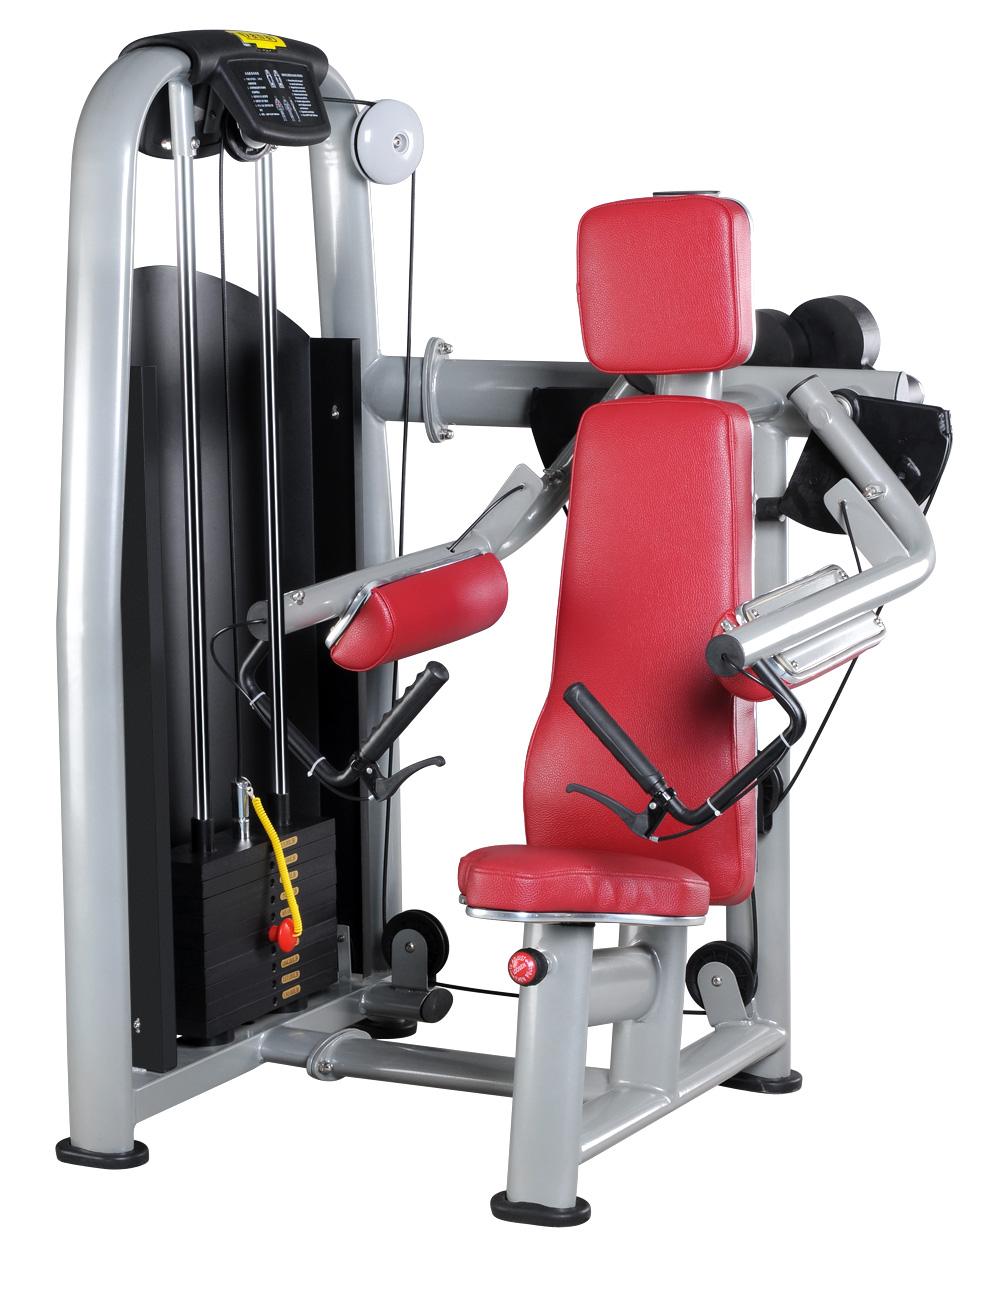 康宜坐姿提肩训练器,健身器材工厂家,商用健身房运动器械,豪华健身房专用健身器械